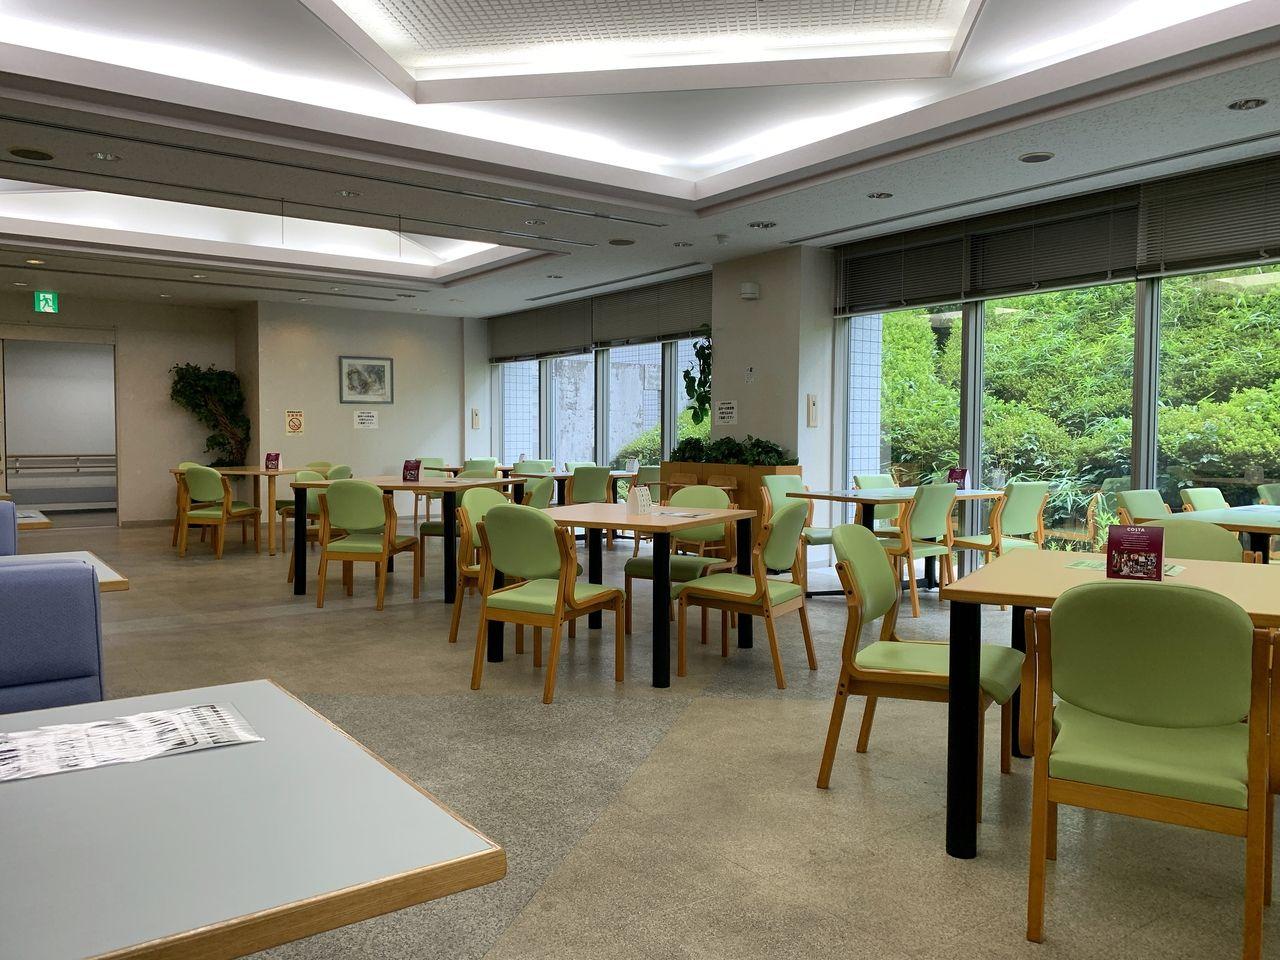 【三郷市食べ歩きブログ】三郷市花和田(三郷市健康福祉会館地下)にオープンしました海鮮唐揚げ光苑「やそきち食堂」へ行ってきました!